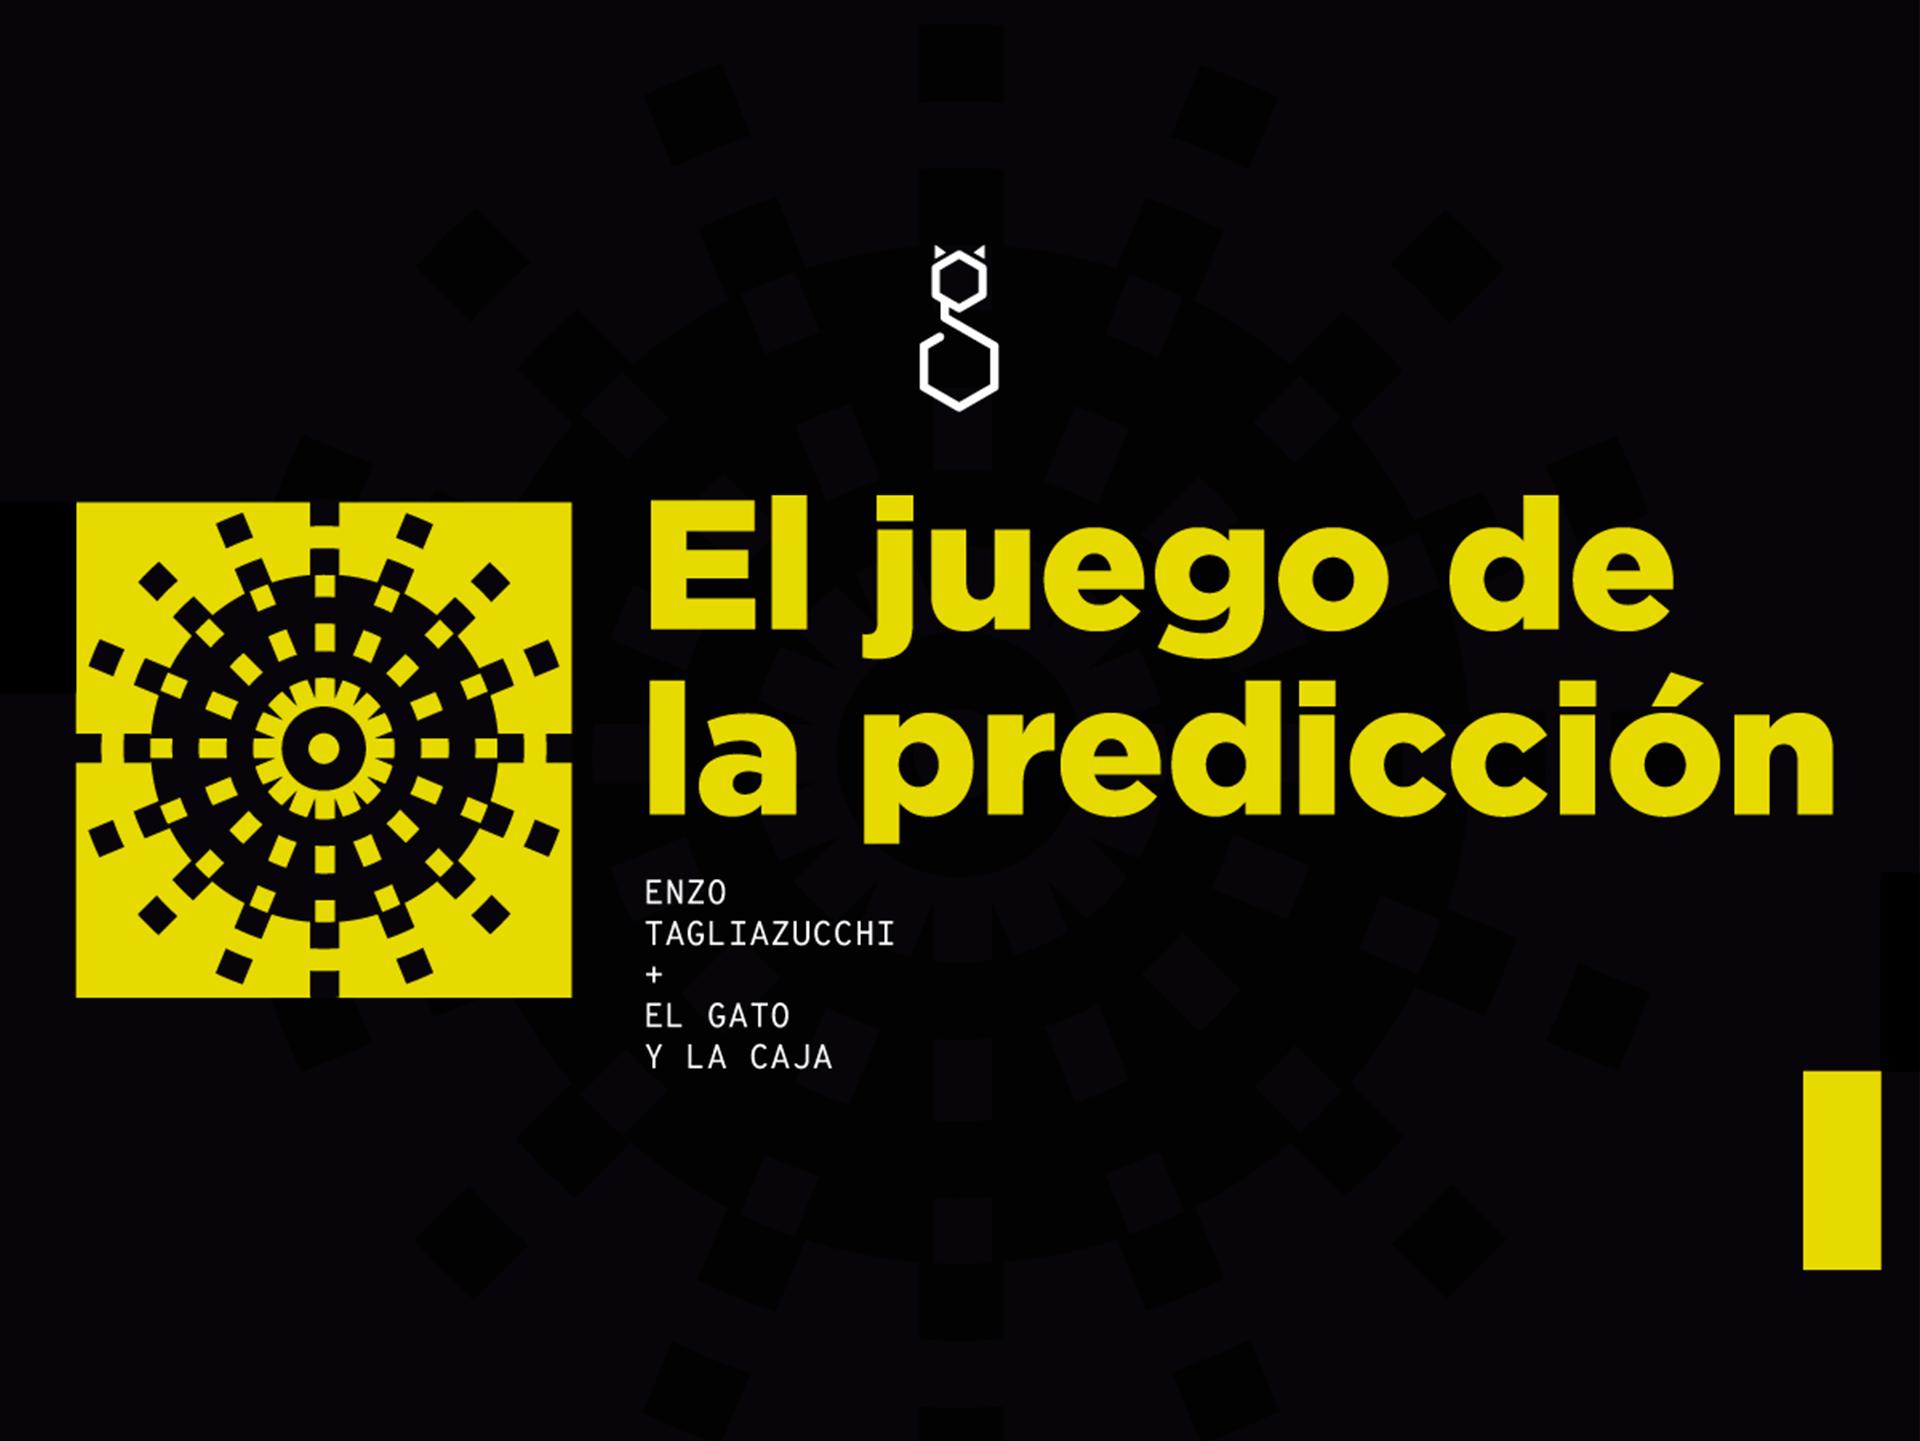 El juego de la predicción